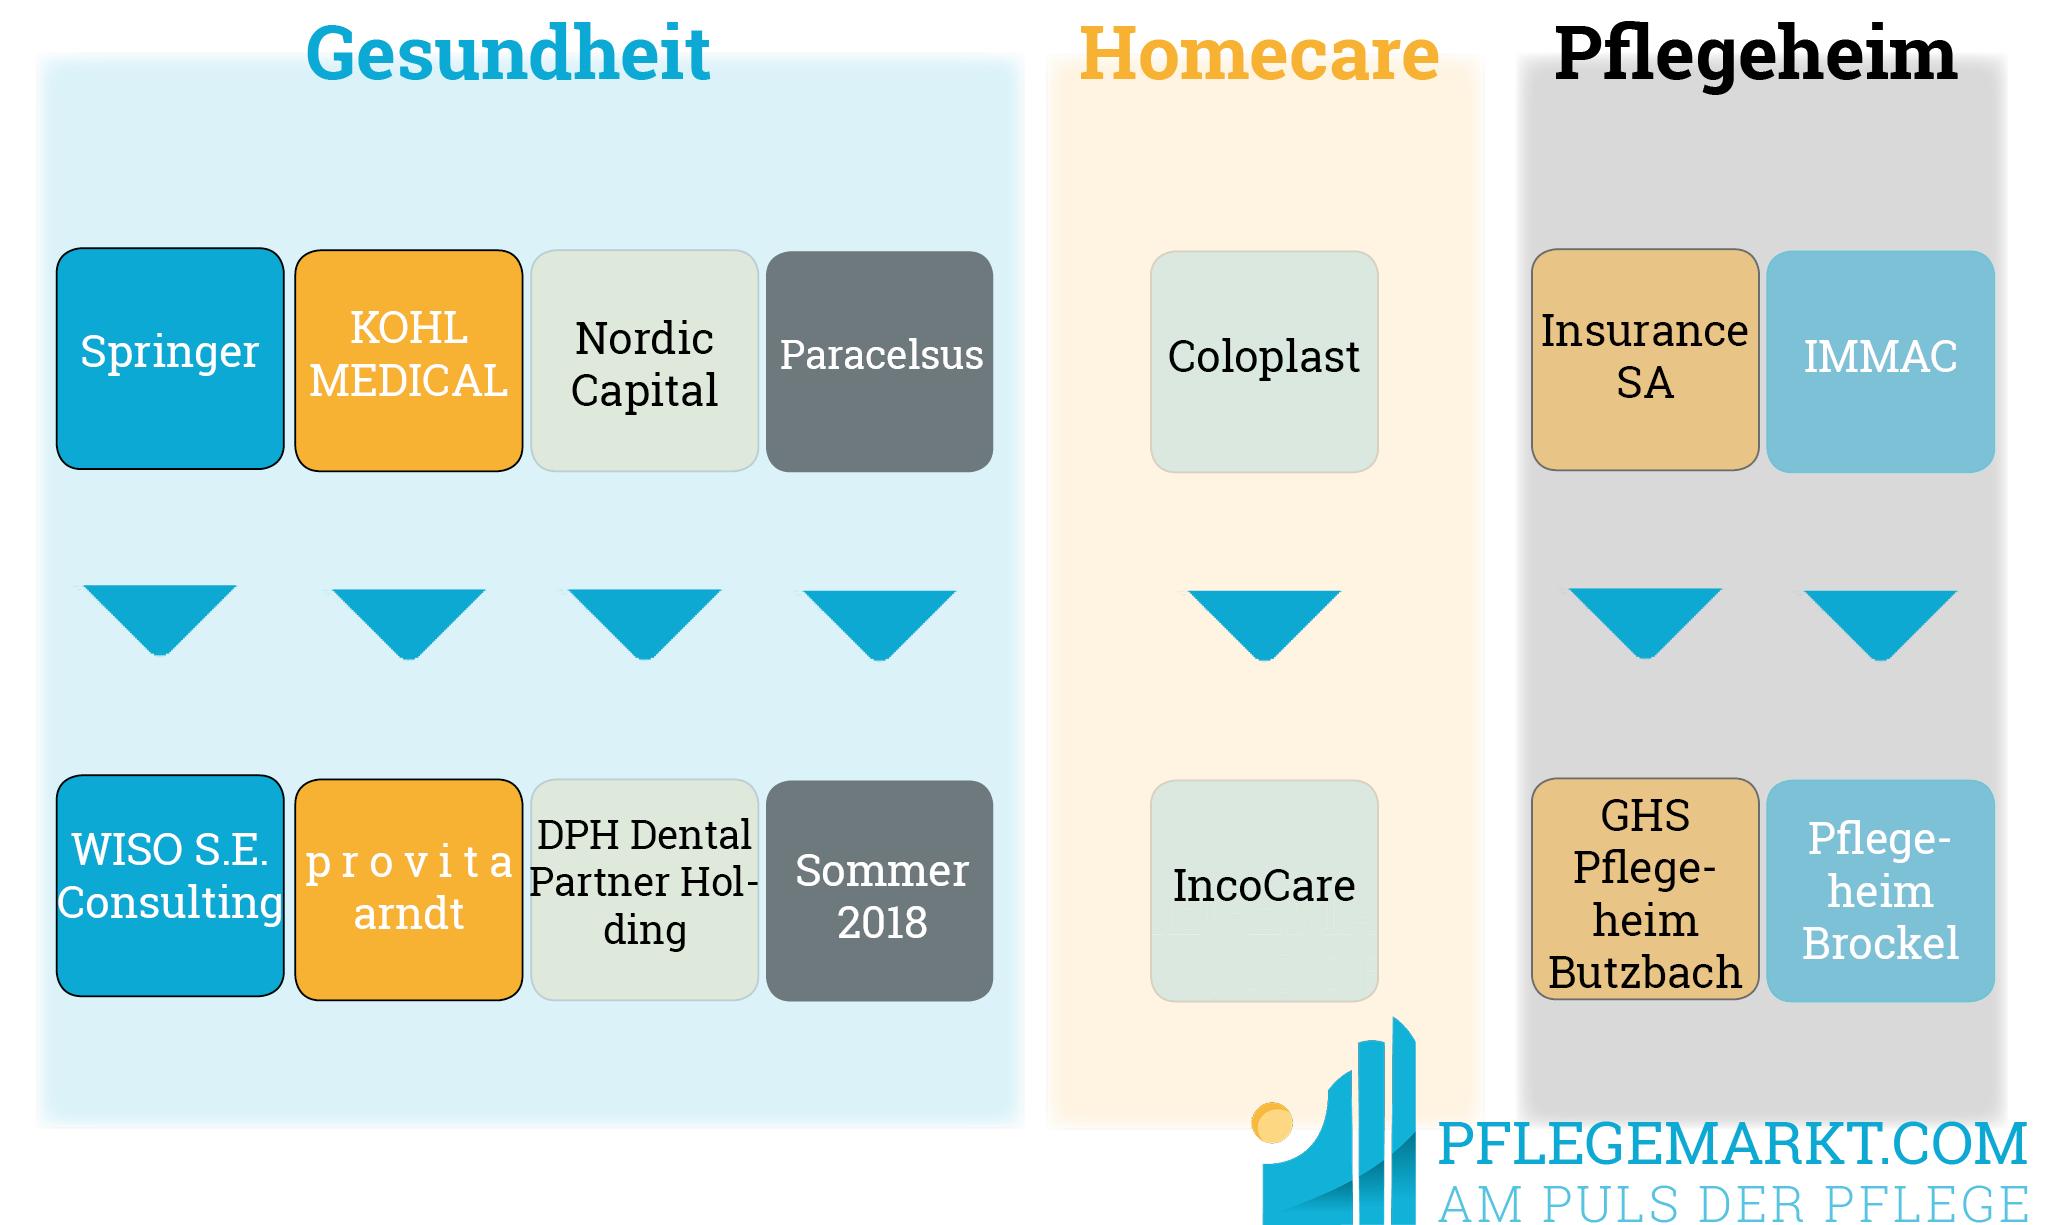 Liste von Deals und Übernahmen im Gesundheitsmarkt